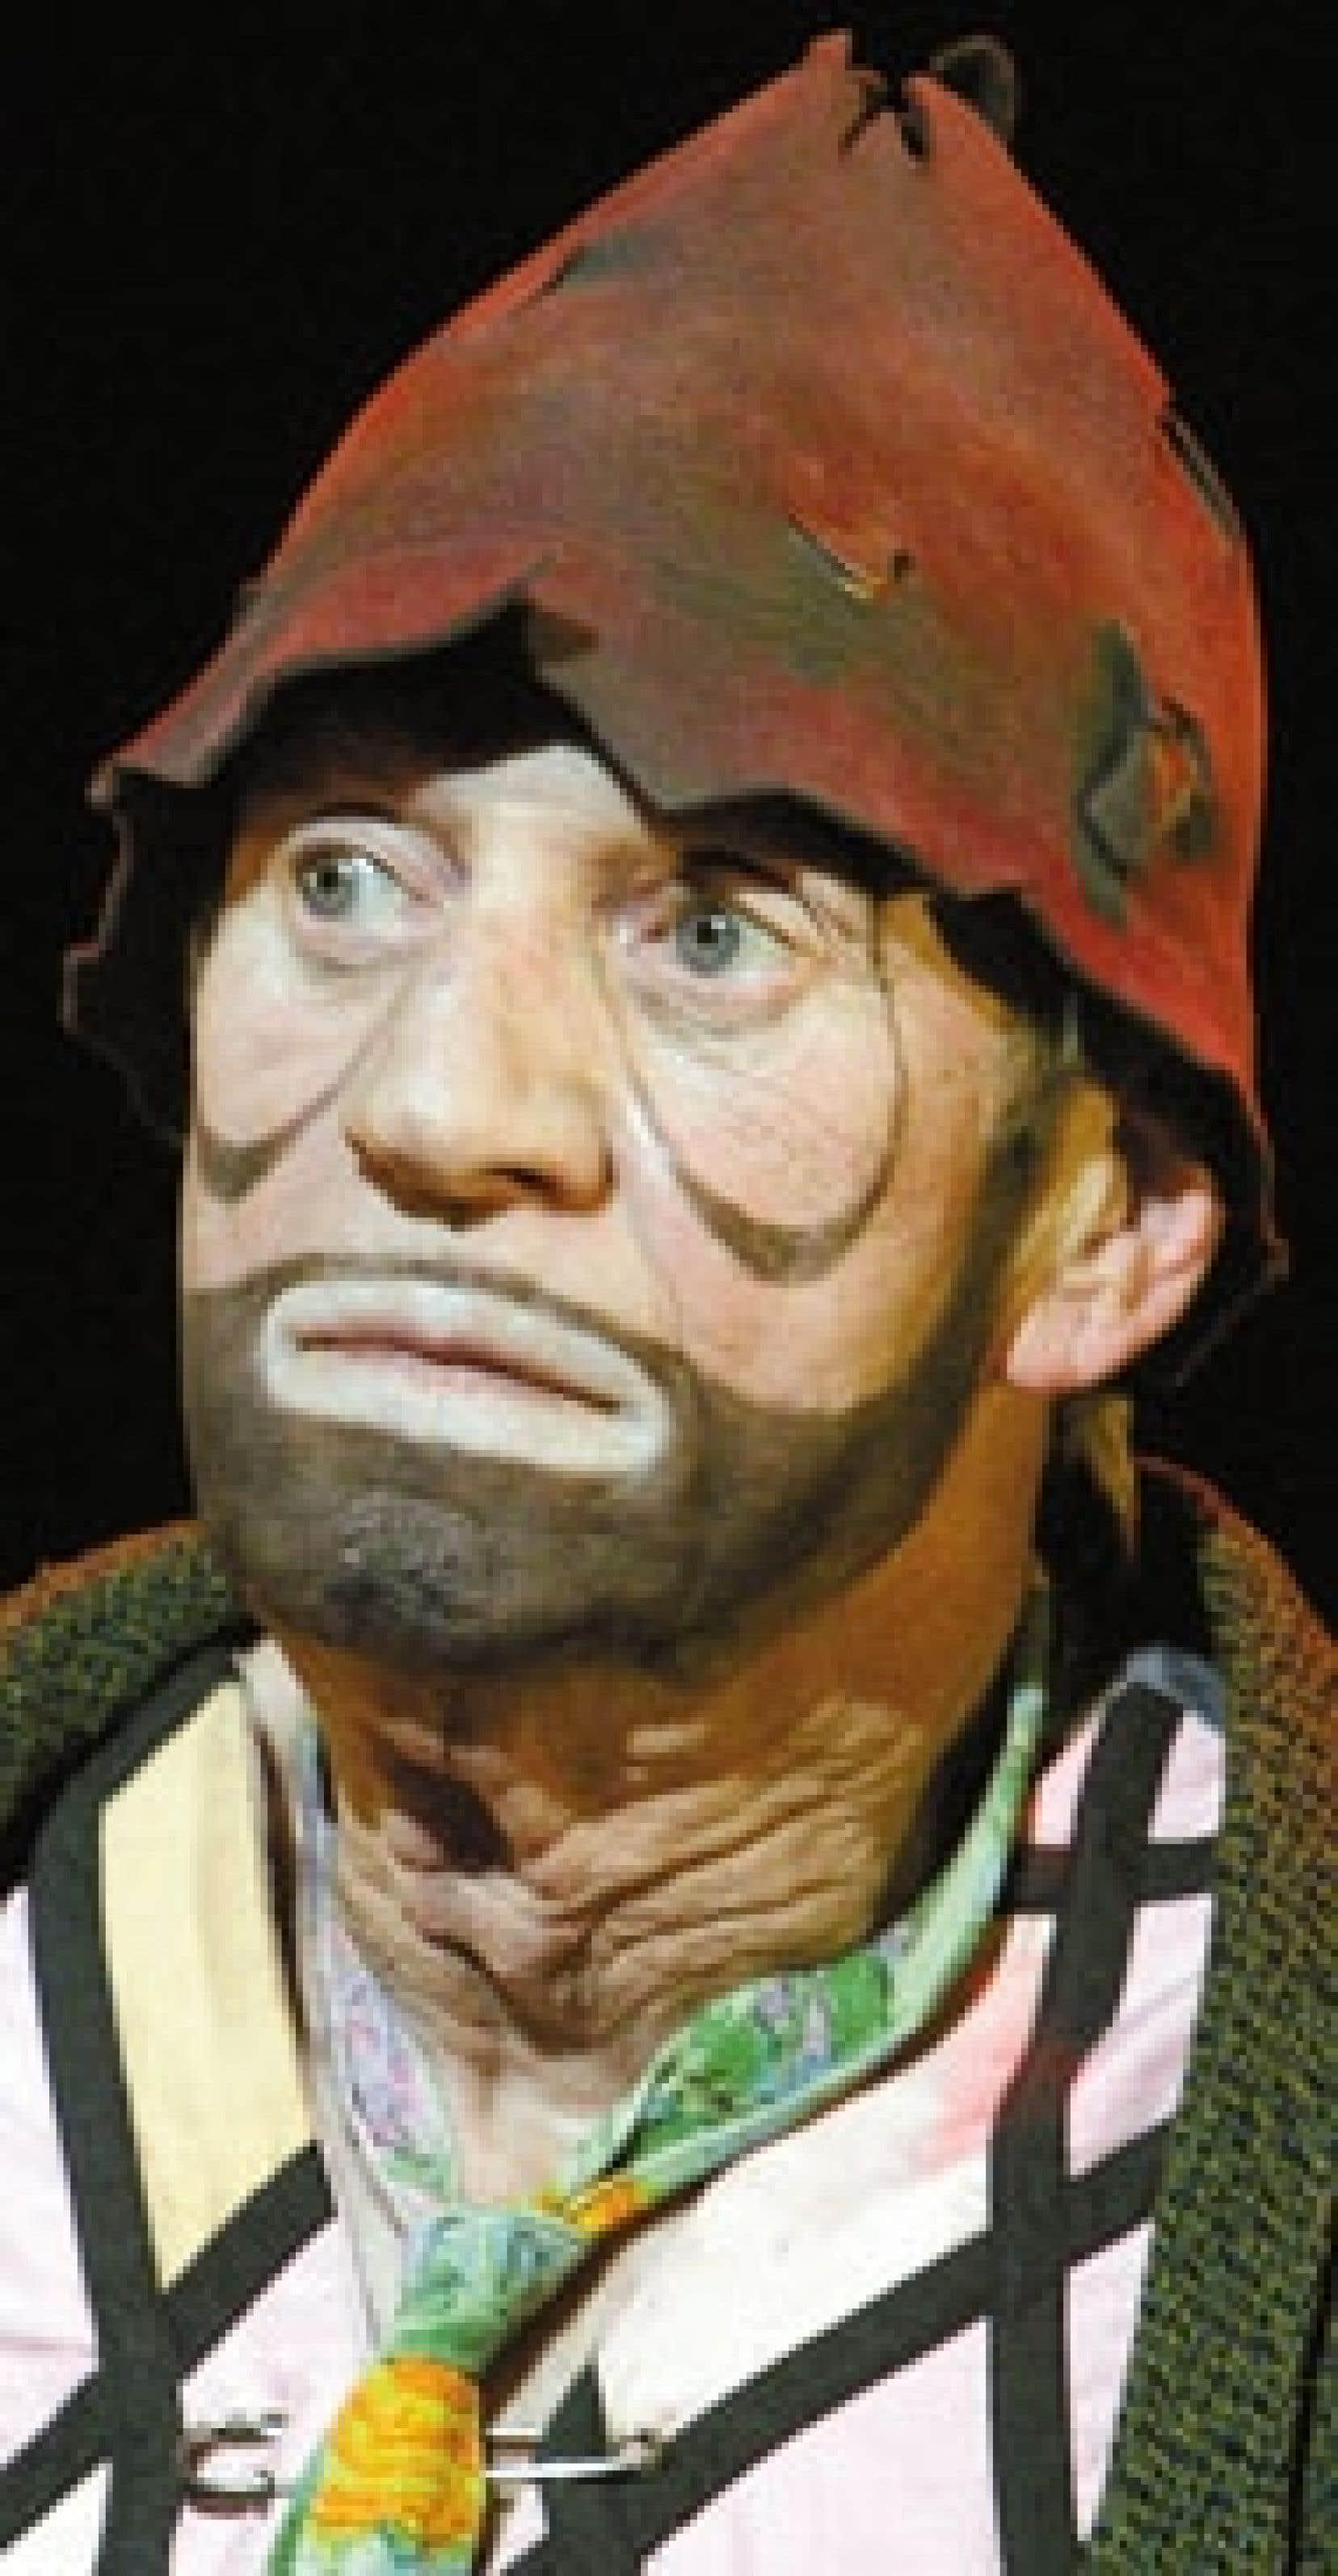 Le clown Sol dans le plus récent spectacle de Marc Favreau, Prêtez-moi une oreille à tentative, en février dernier, au Théâtre Gesù. Une nouvelle série de représentations était prévue pour février 2006.